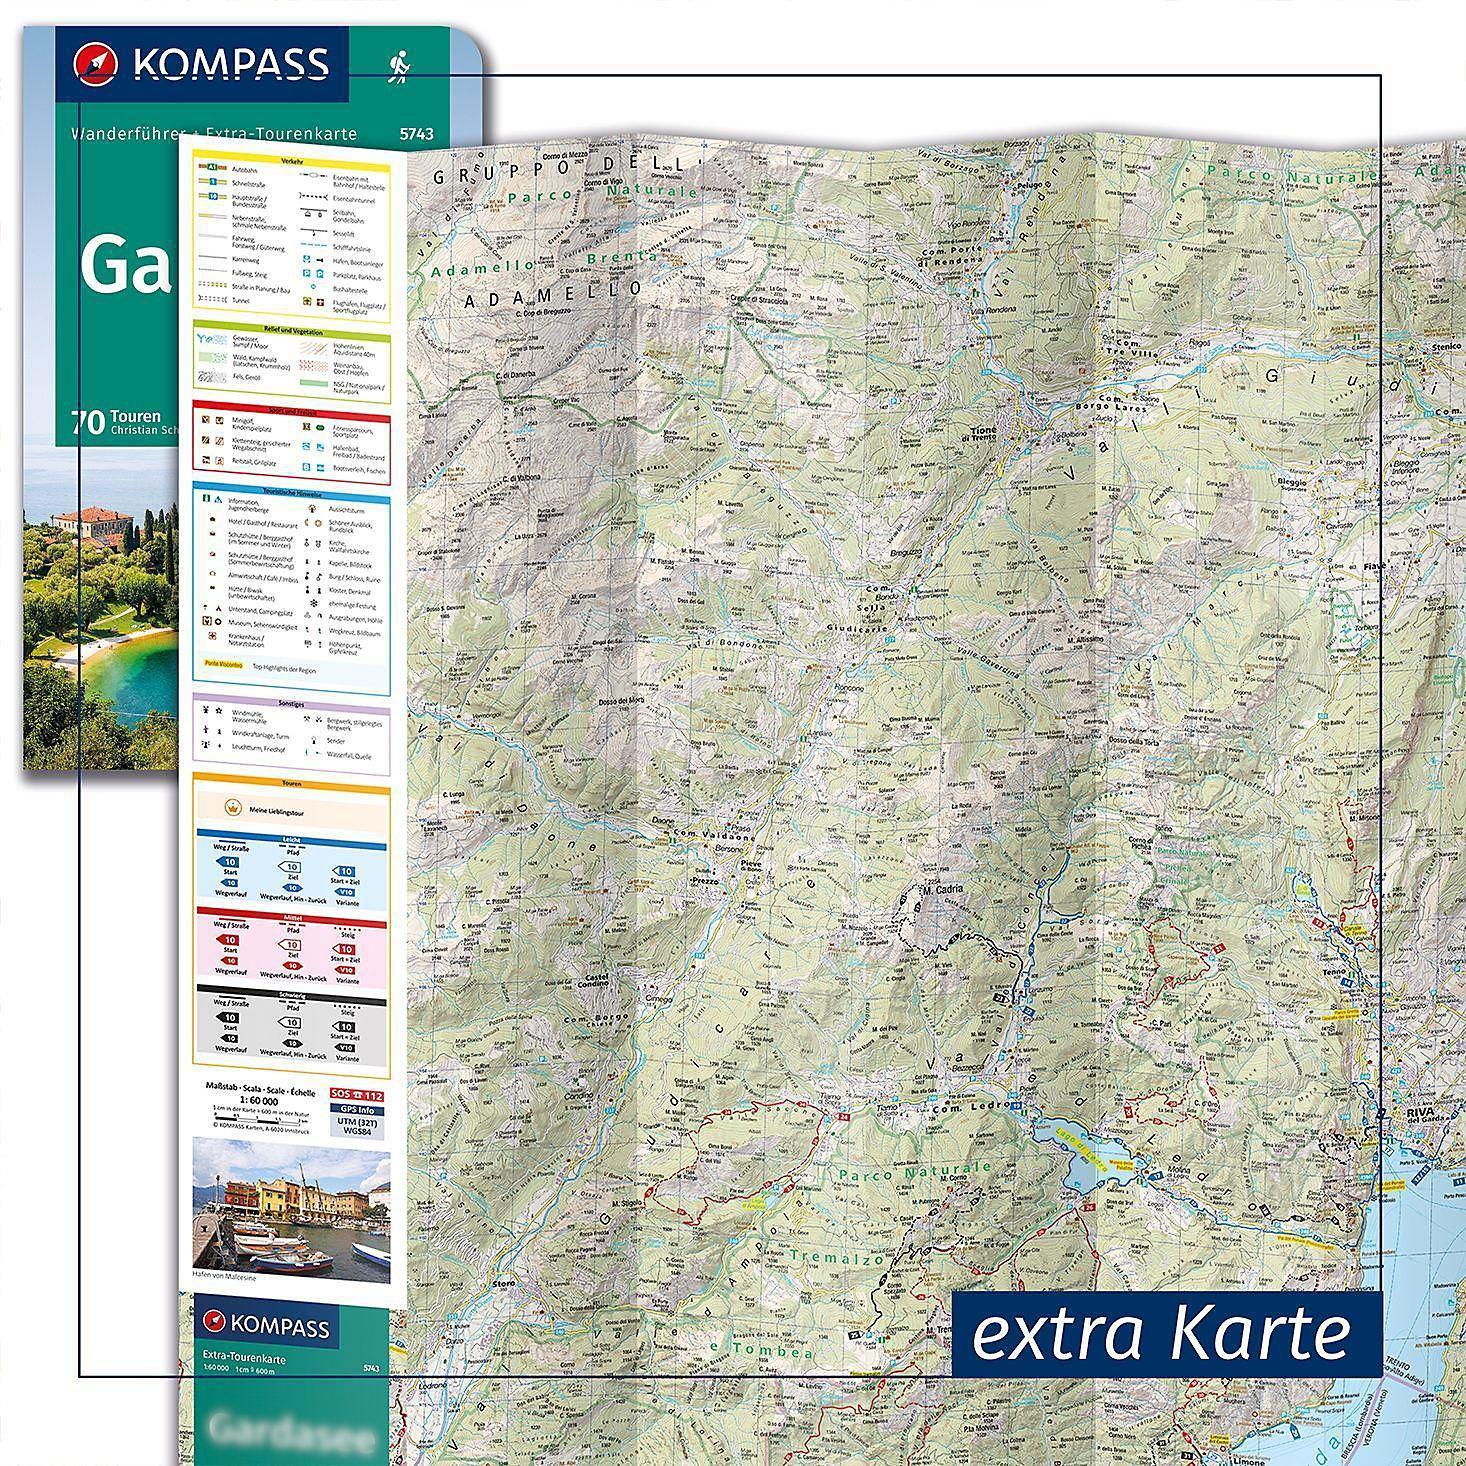 Tannheimer Tal Karte.Kompass Wanderfuhrer Tannheimer Tal Von Nesselwangle Bis